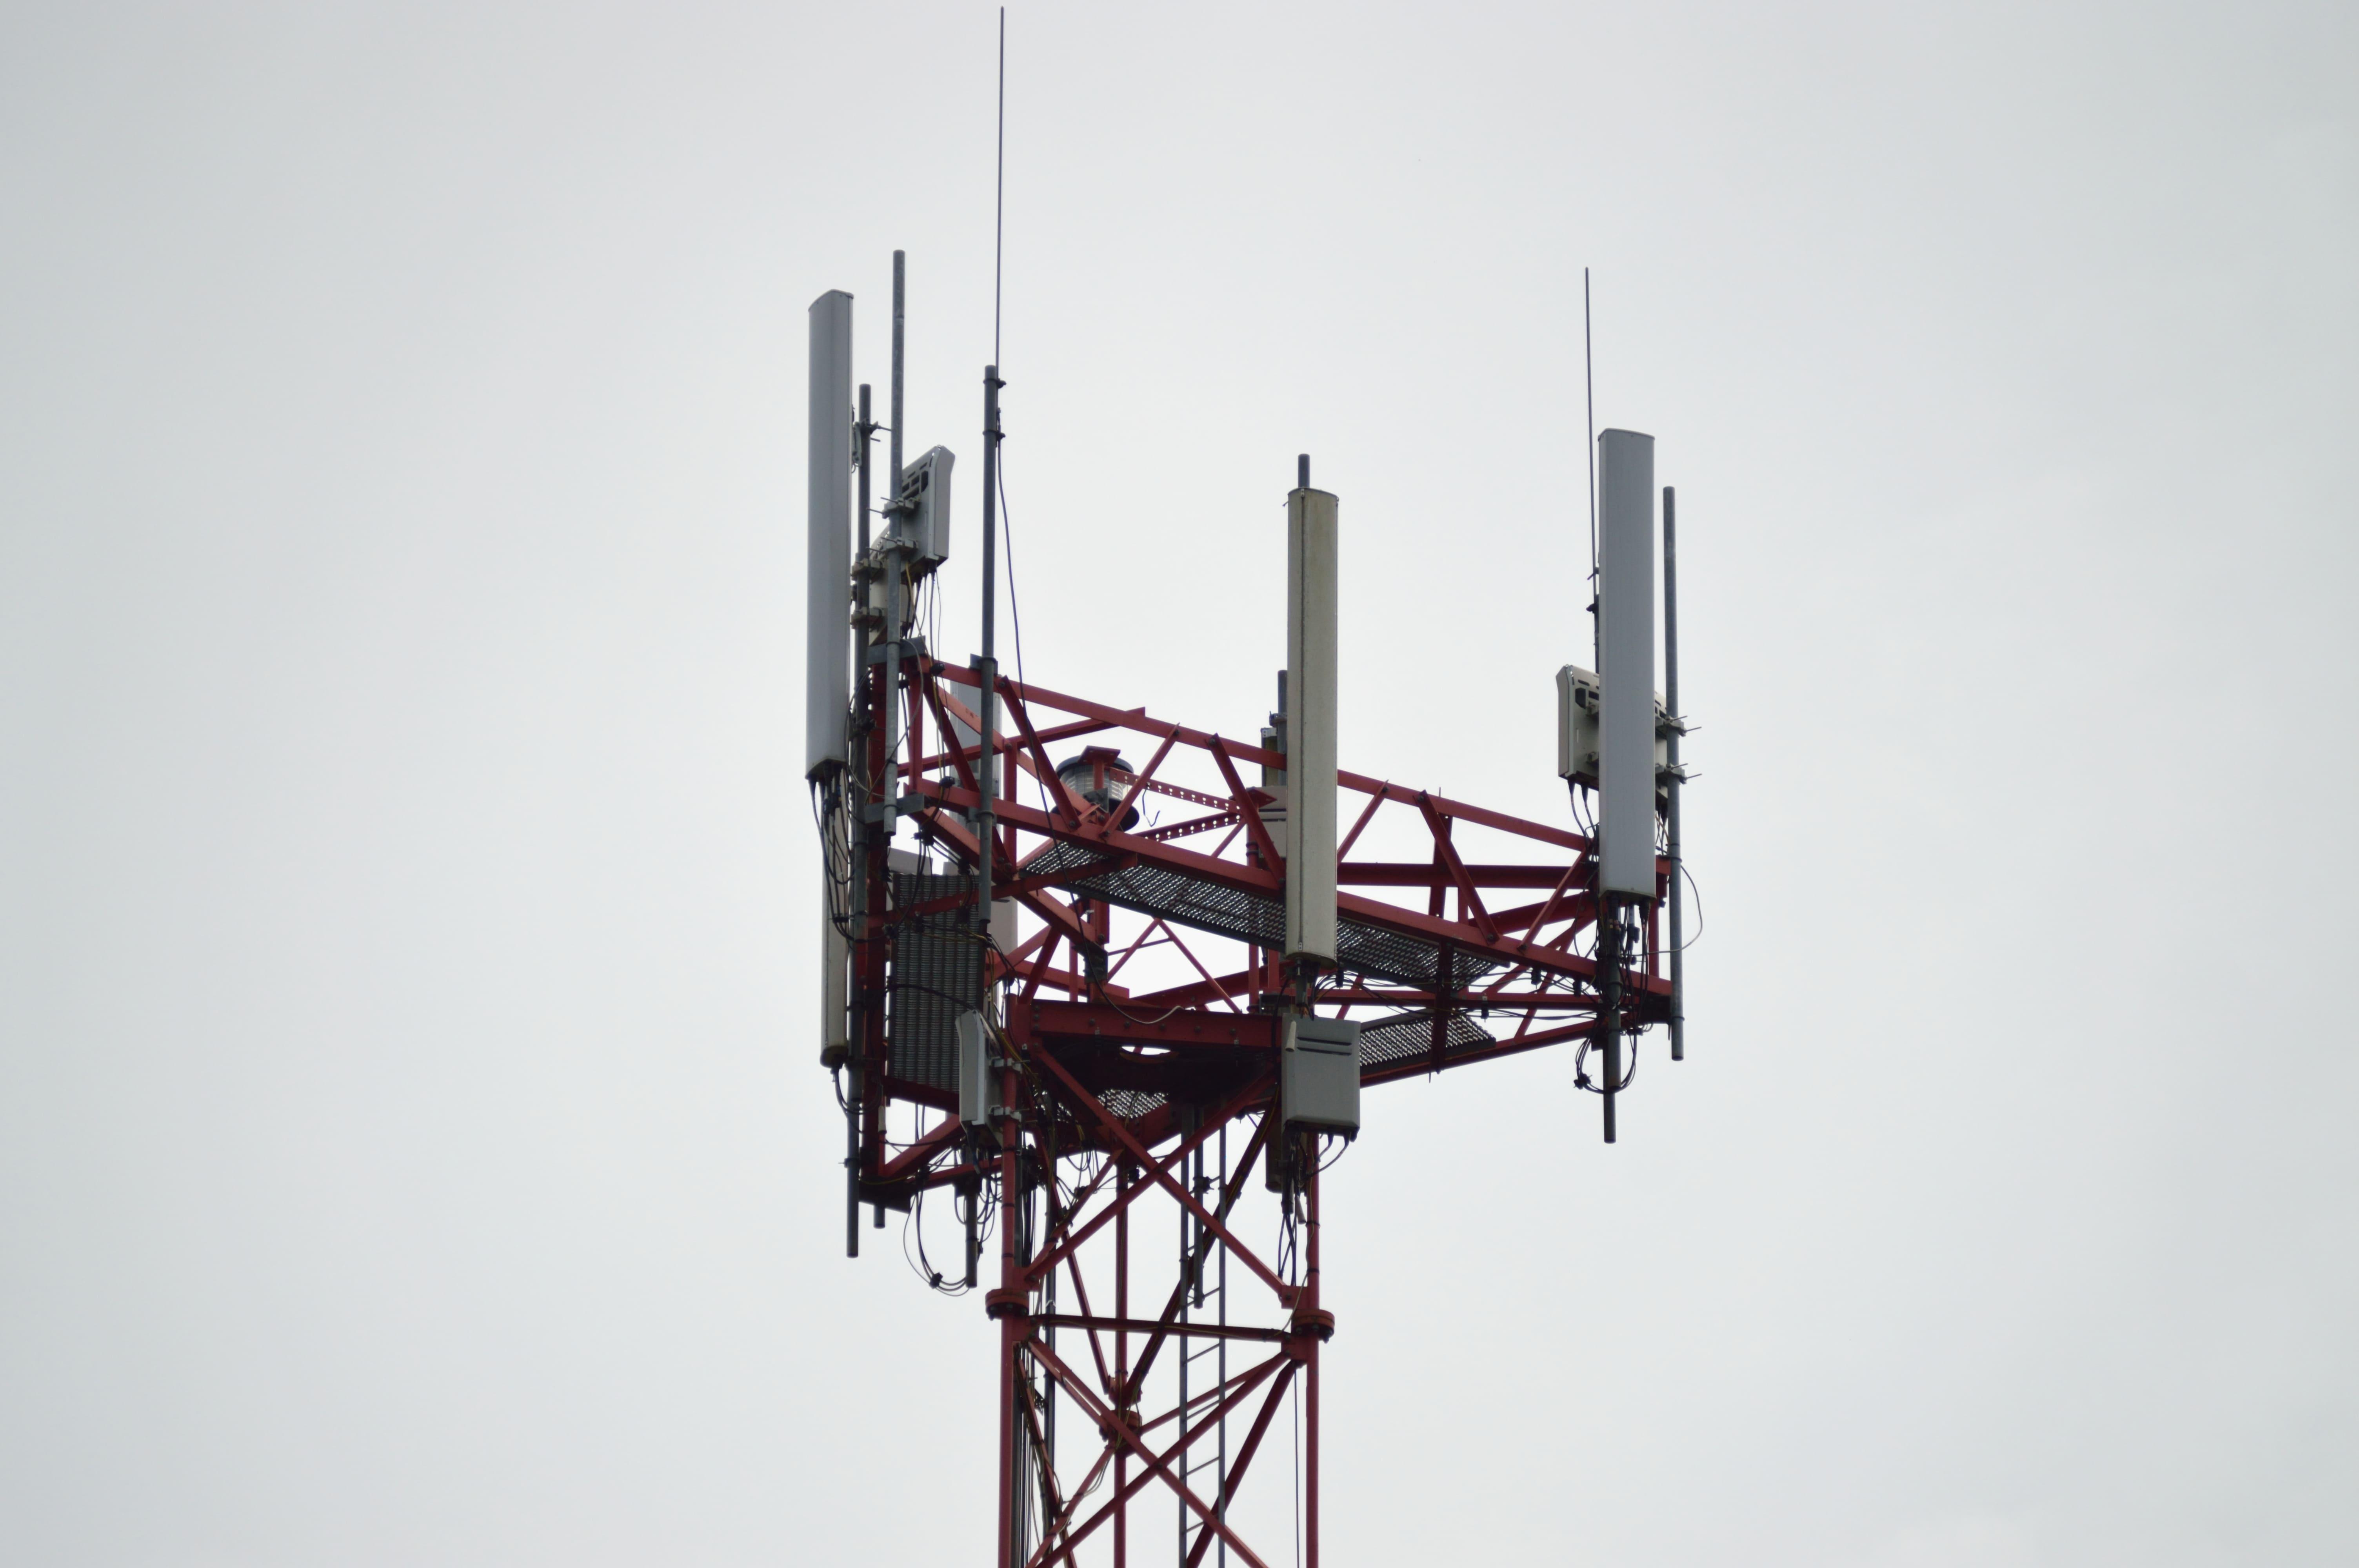 Augmenten els estudis sobre els efectes de la radiofreqüència mòbil a la salut.